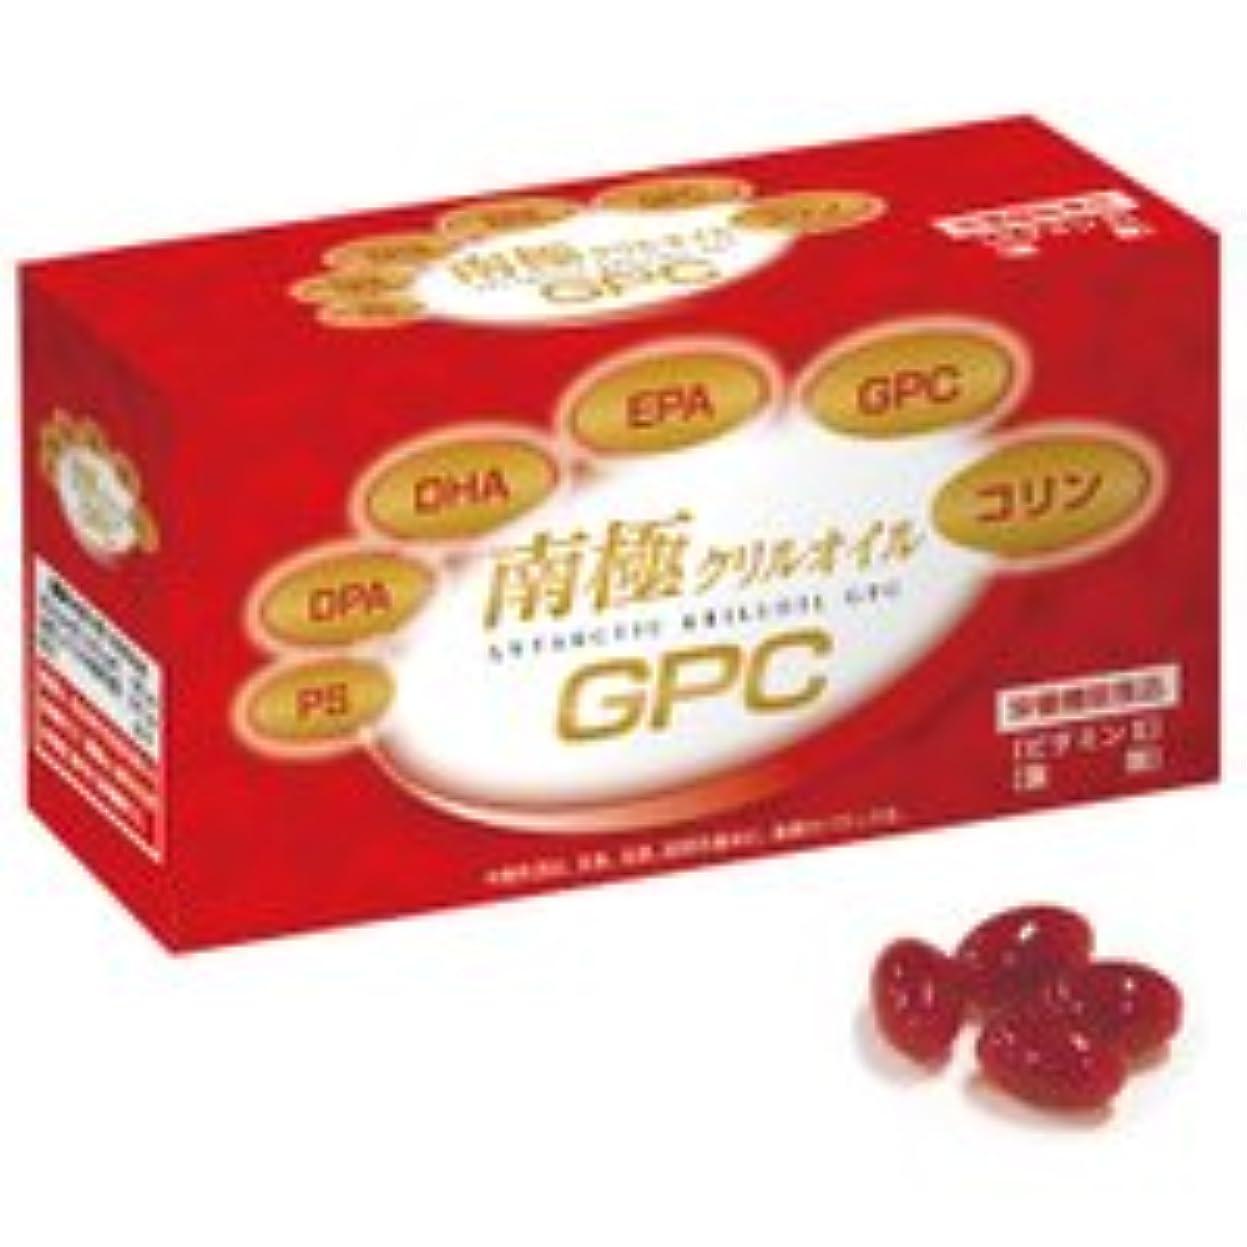 へこみいじめっ子朝食を食べる南極クリルオイル&GPC 2箱セット